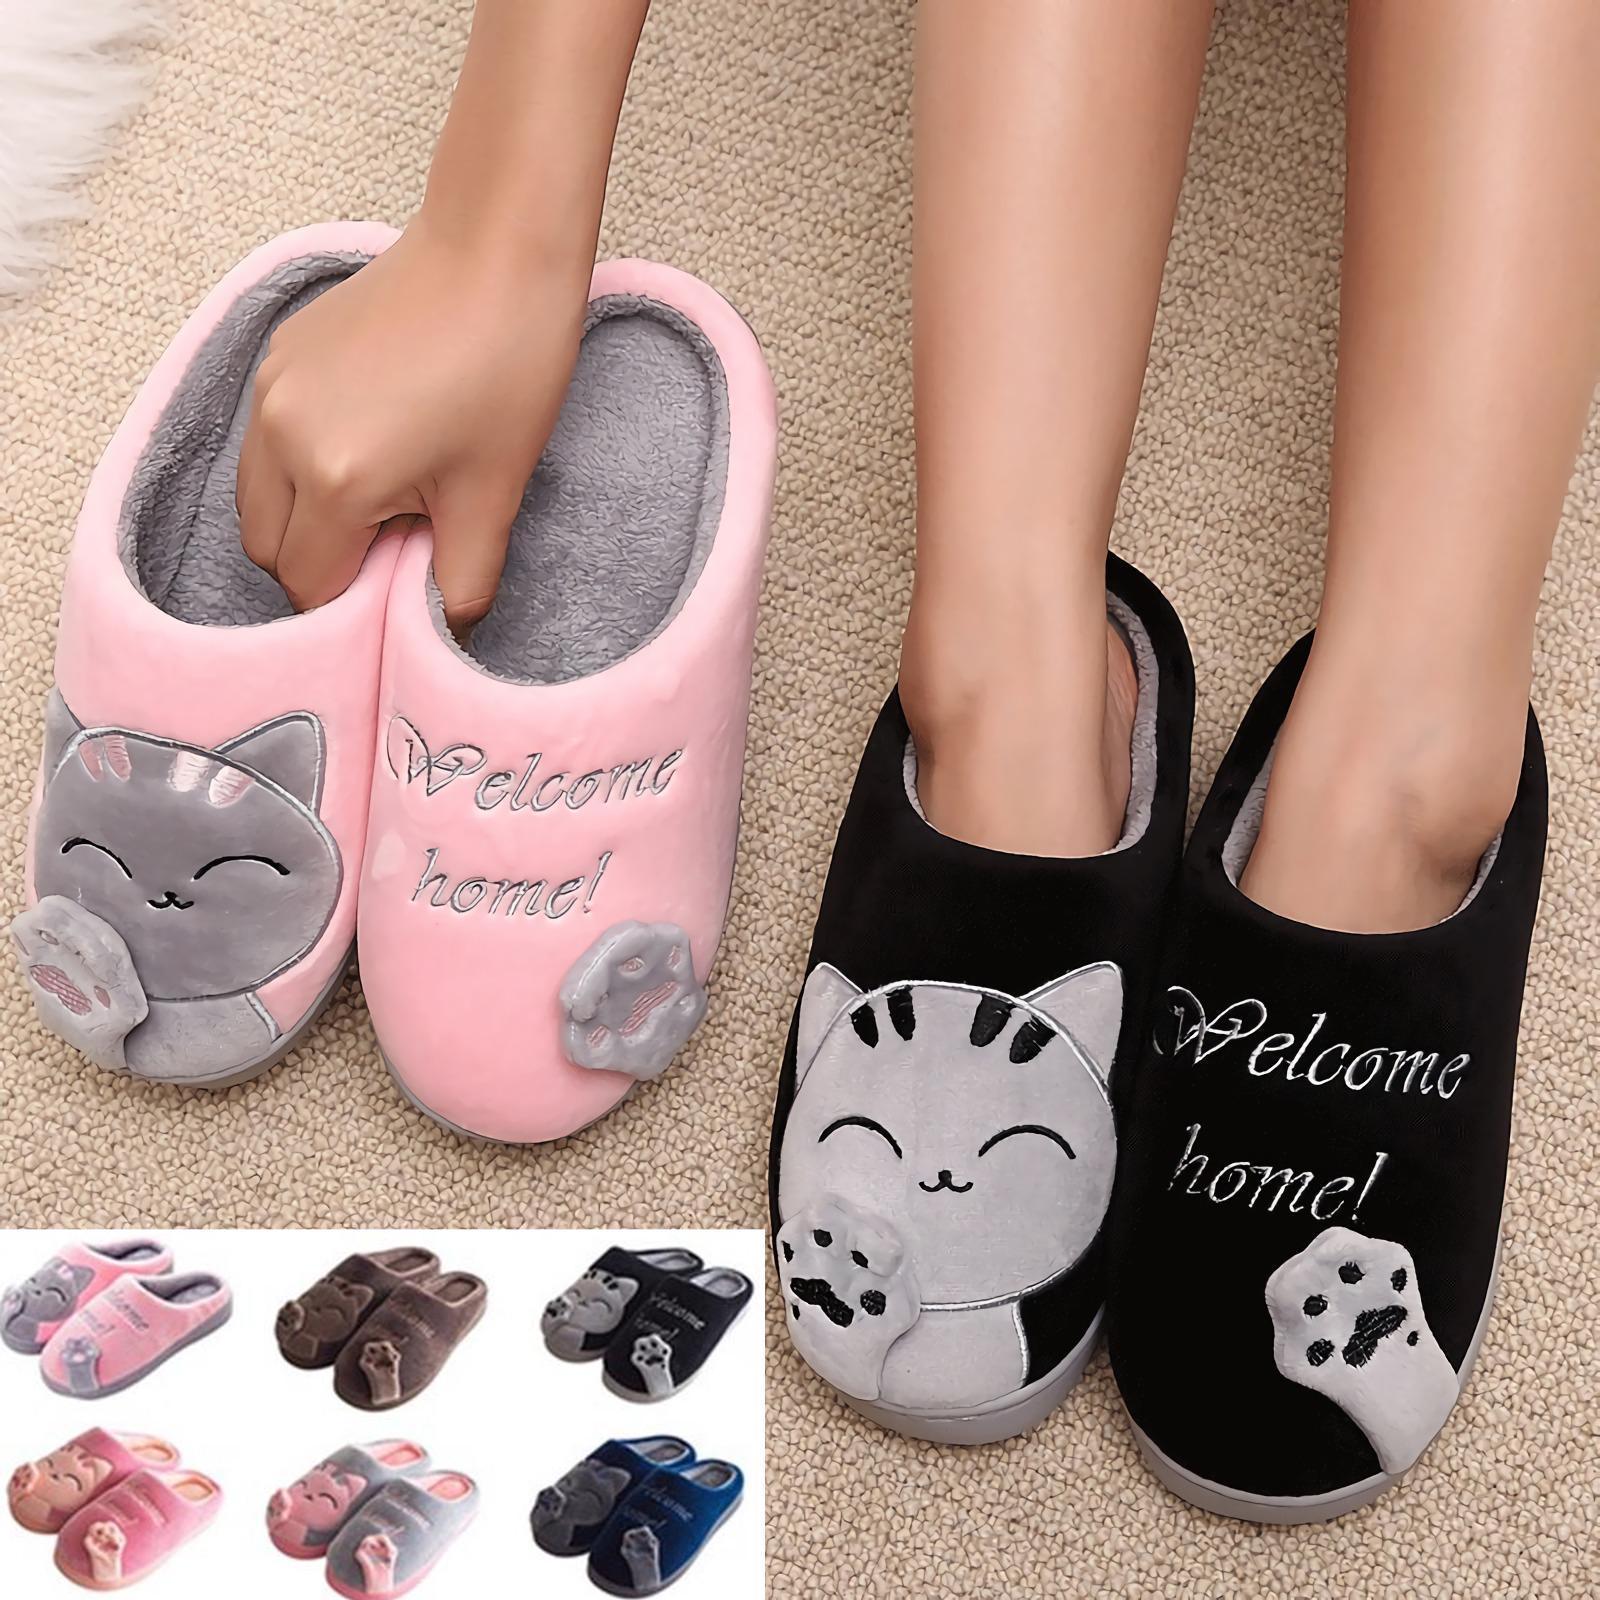 Дом зимний мужчин женщин Тапочки мультфильм Cat обувь мягкие теплые тапочки скольжения Крытый спальня фото